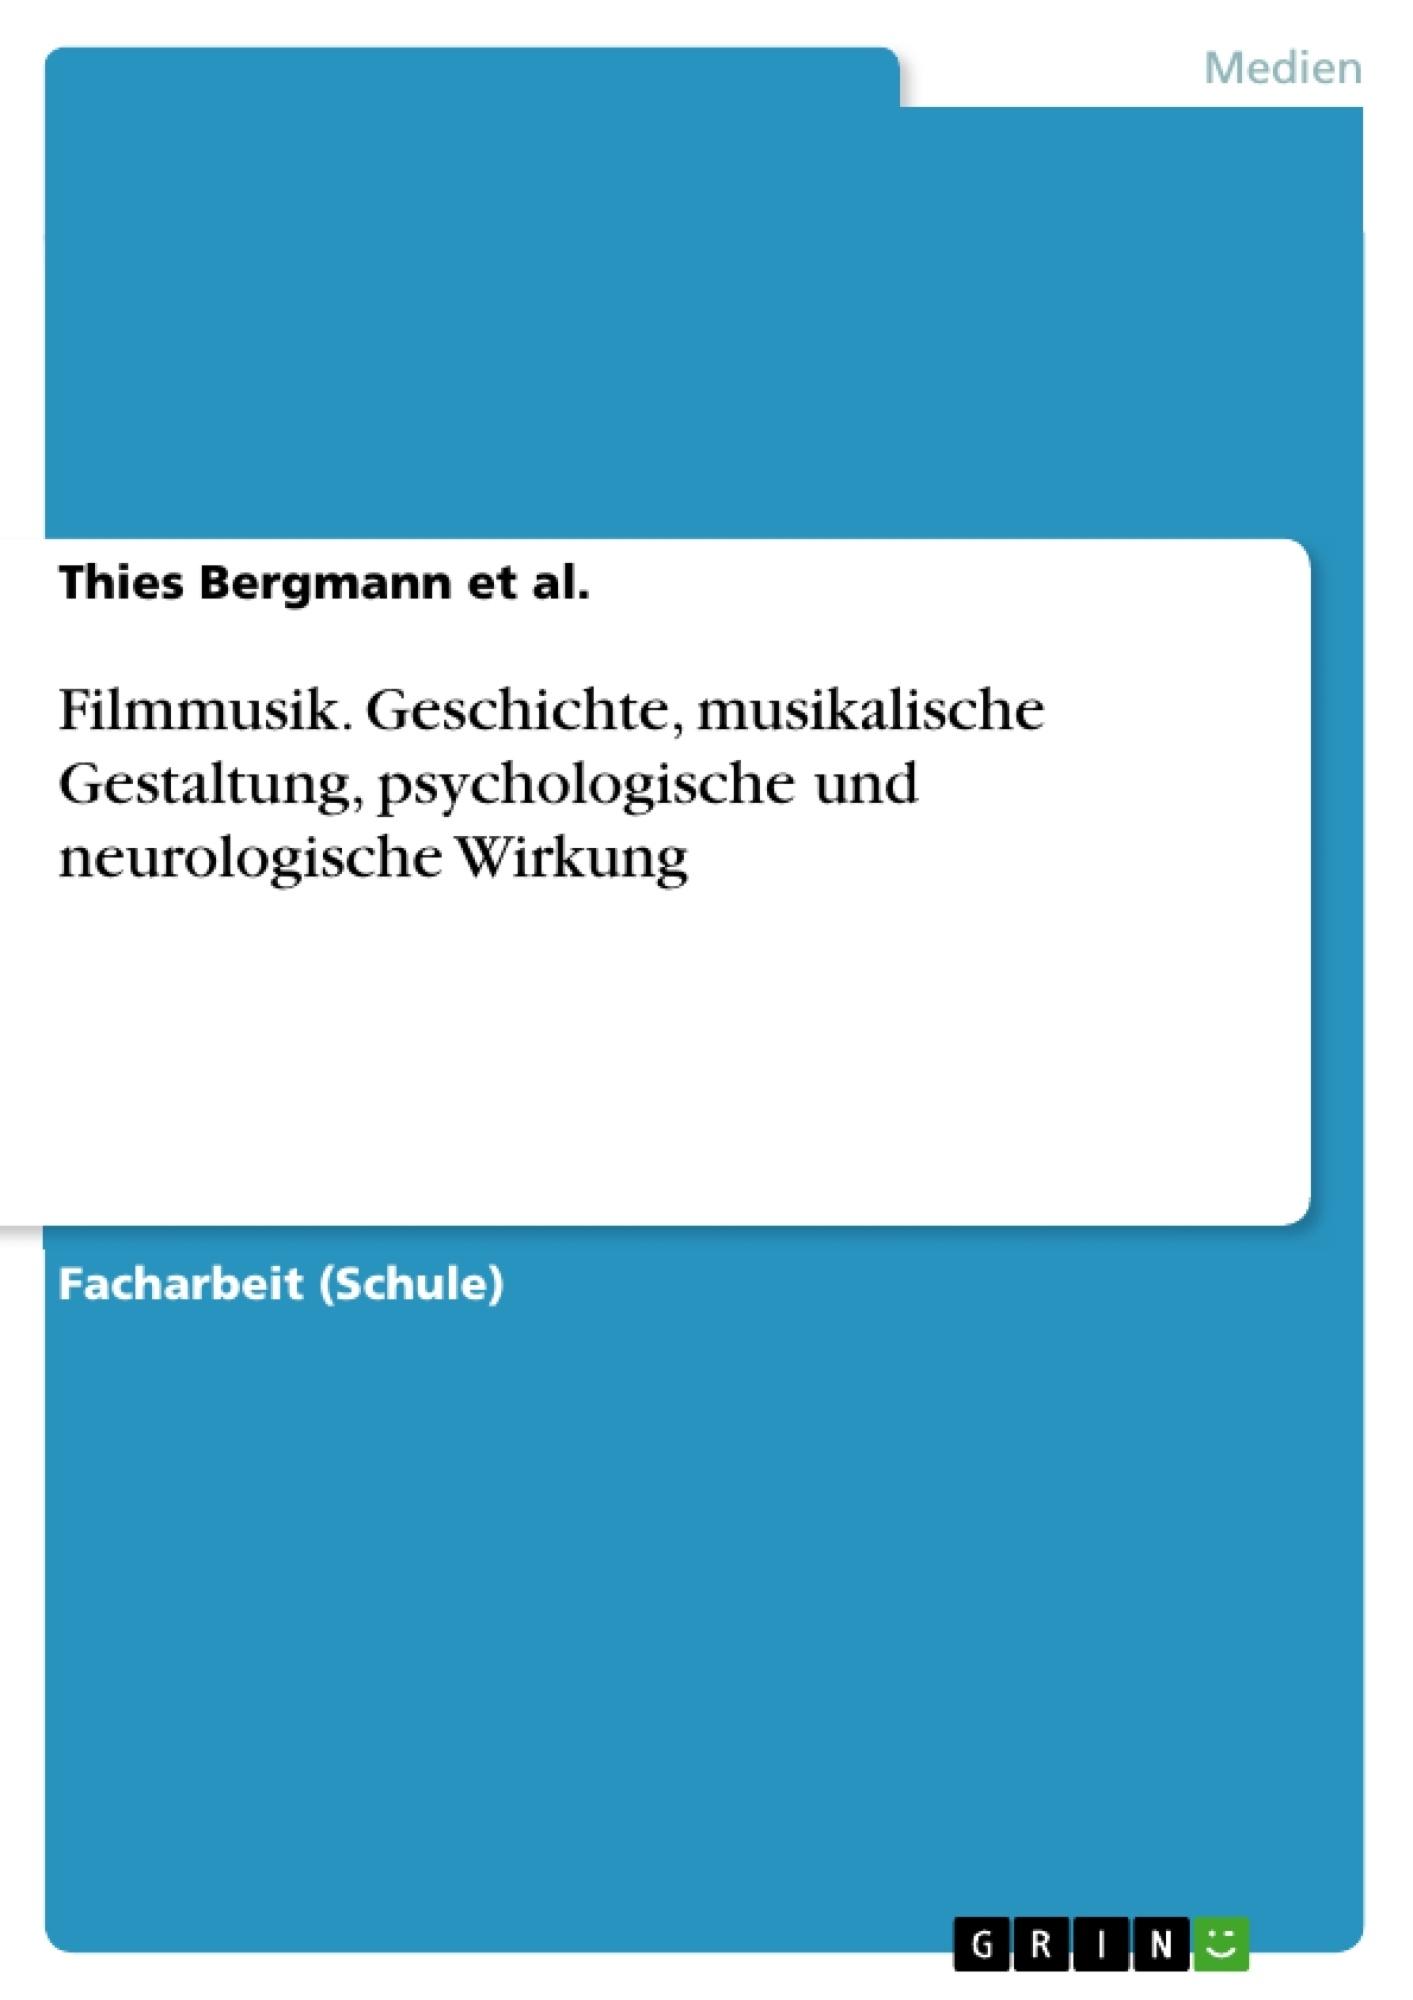 Titel: Filmmusik. Geschichte, musikalische Gestaltung, psychologische und neurologische Wirkung